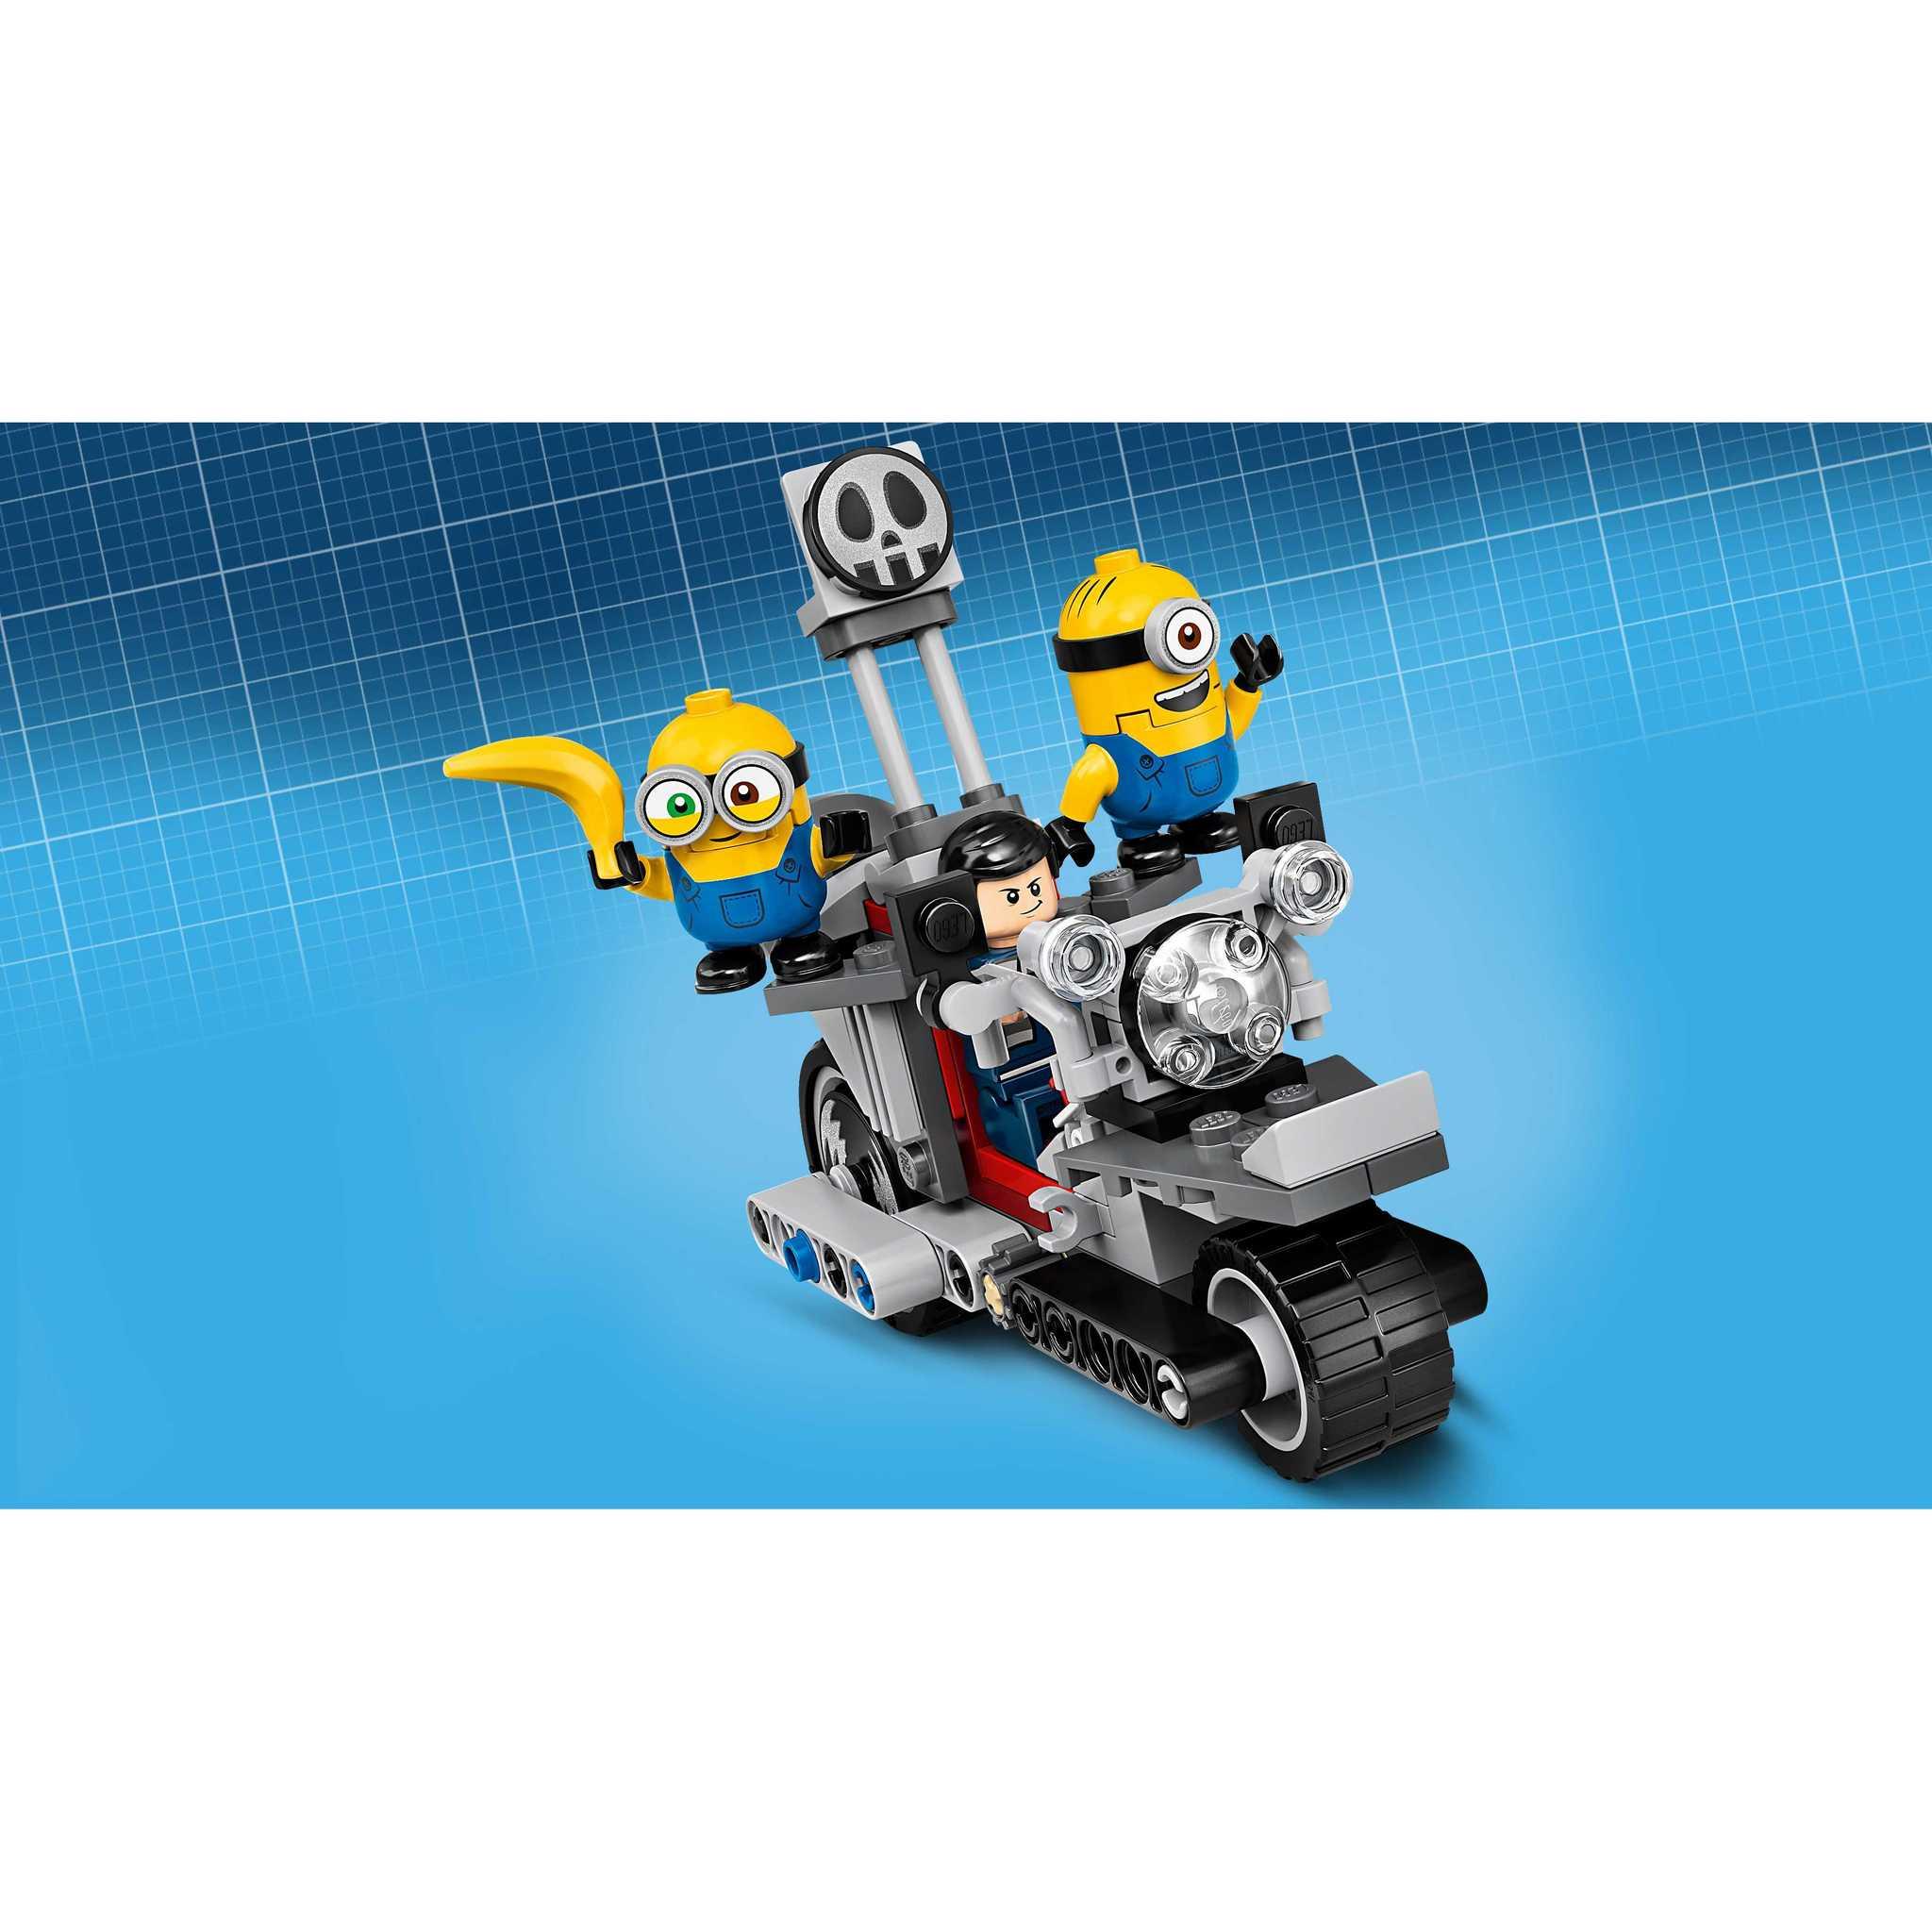 LEGO MINIONS 75549 Конструктор ЛЕГО Миньоны Невероятная погоня на мотоцикле